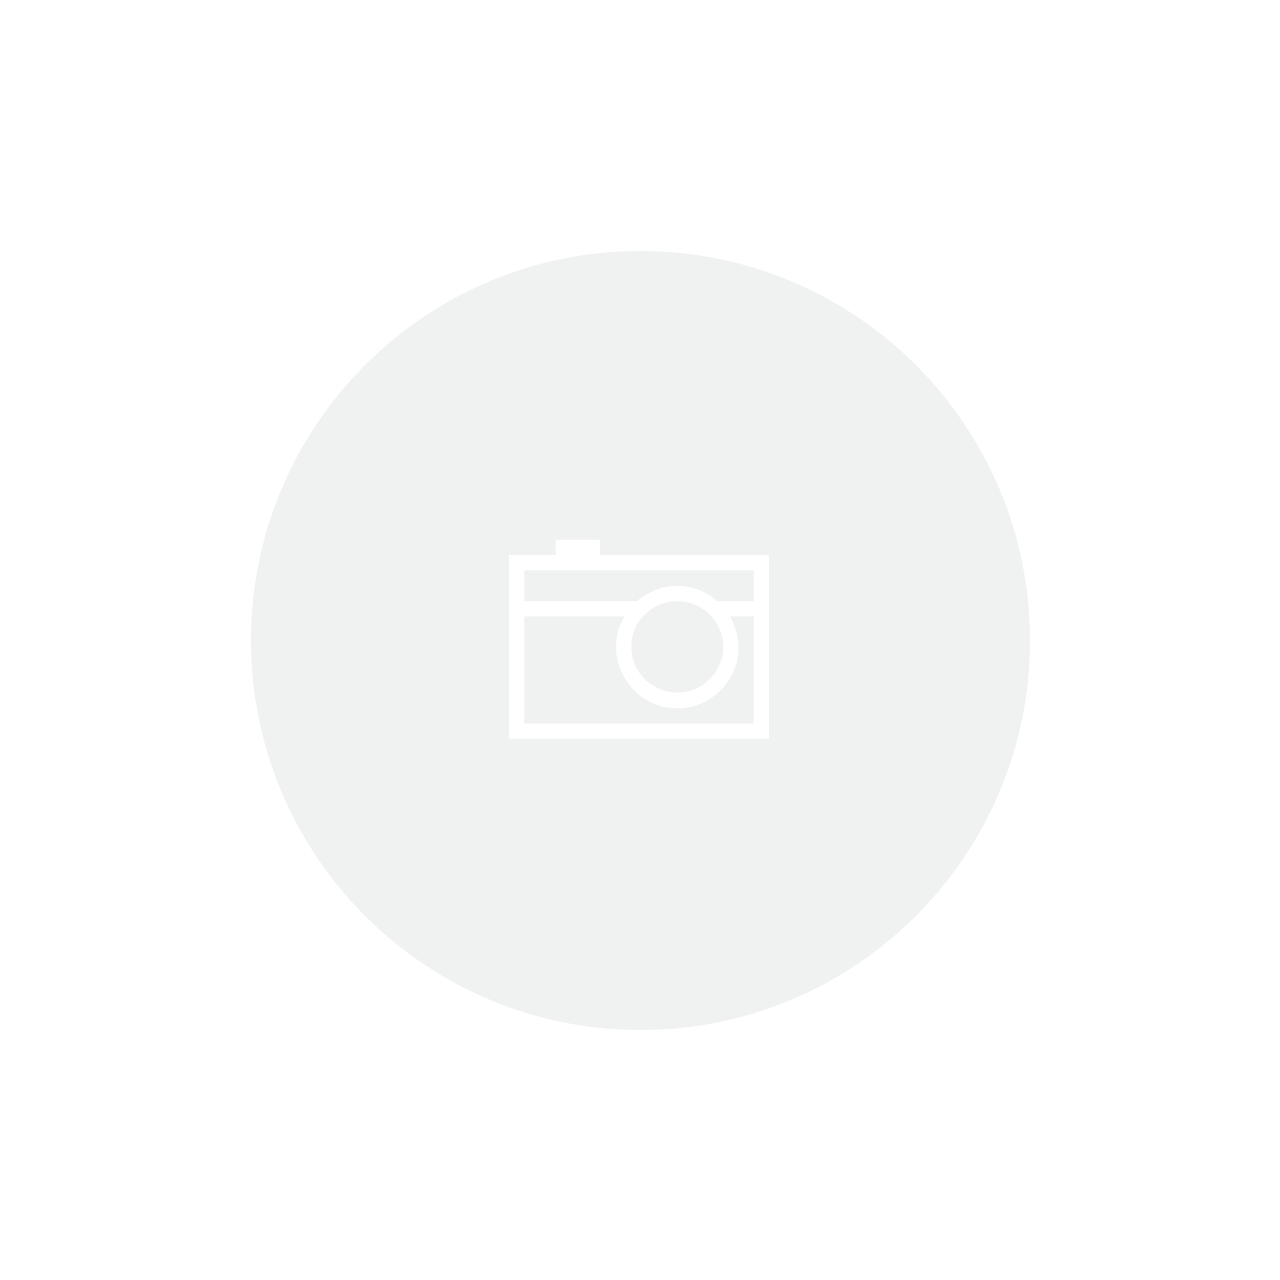 CADEADO ESPIRAL 6mm X 1M ELLEVEN C/ SUPORTE